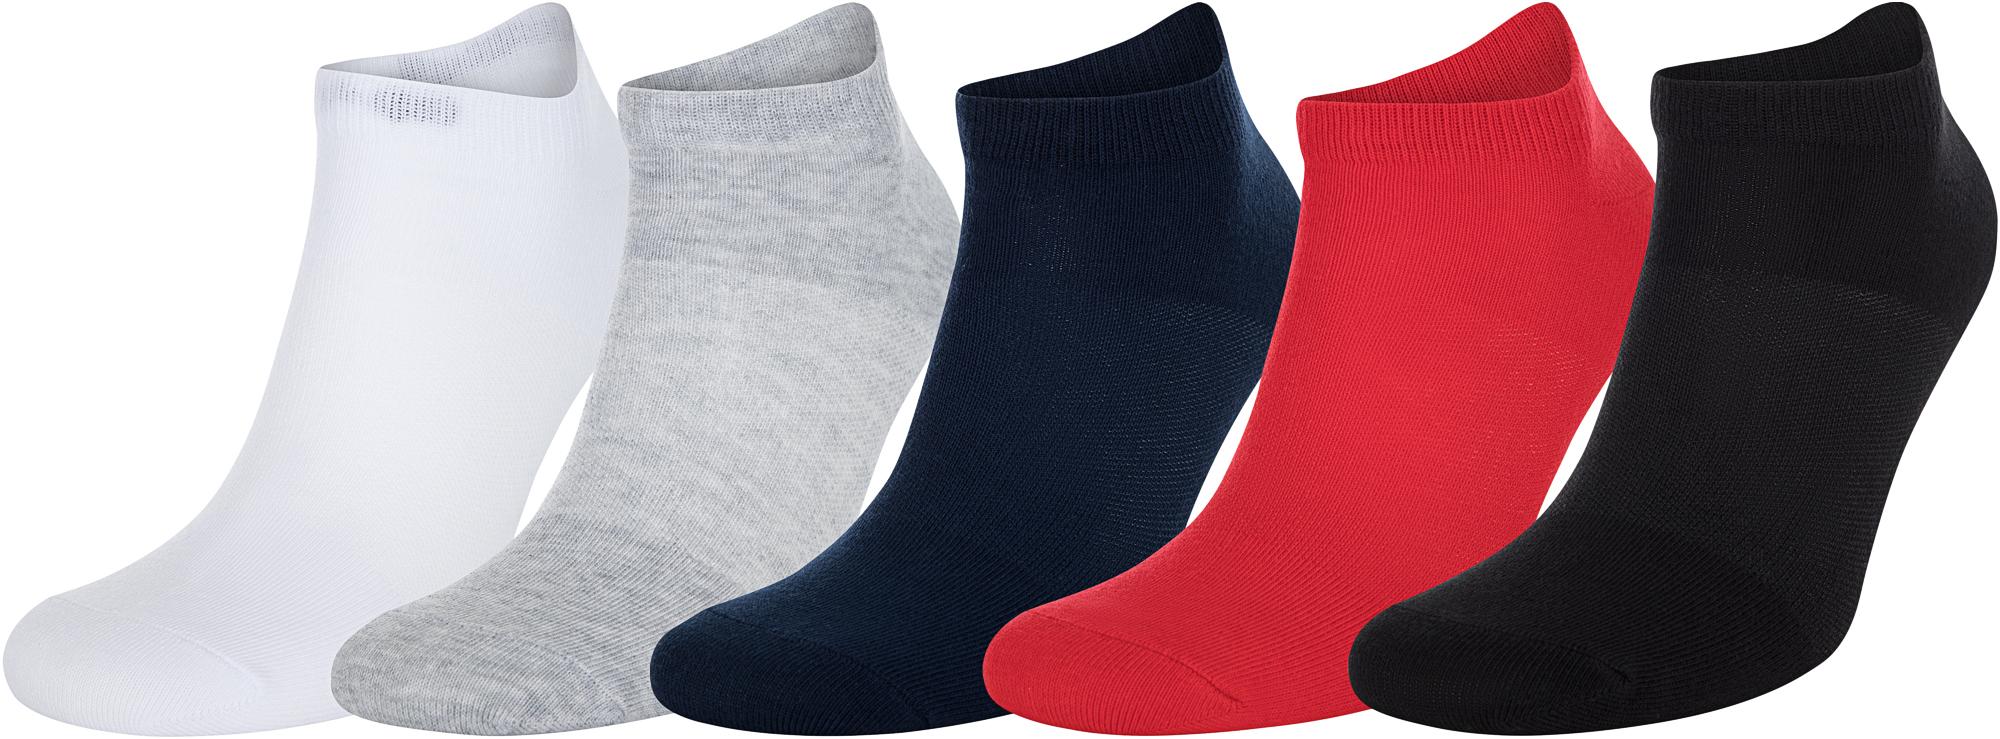 Demix Носки Demix, 5 пар, размер 43-46 стоимость